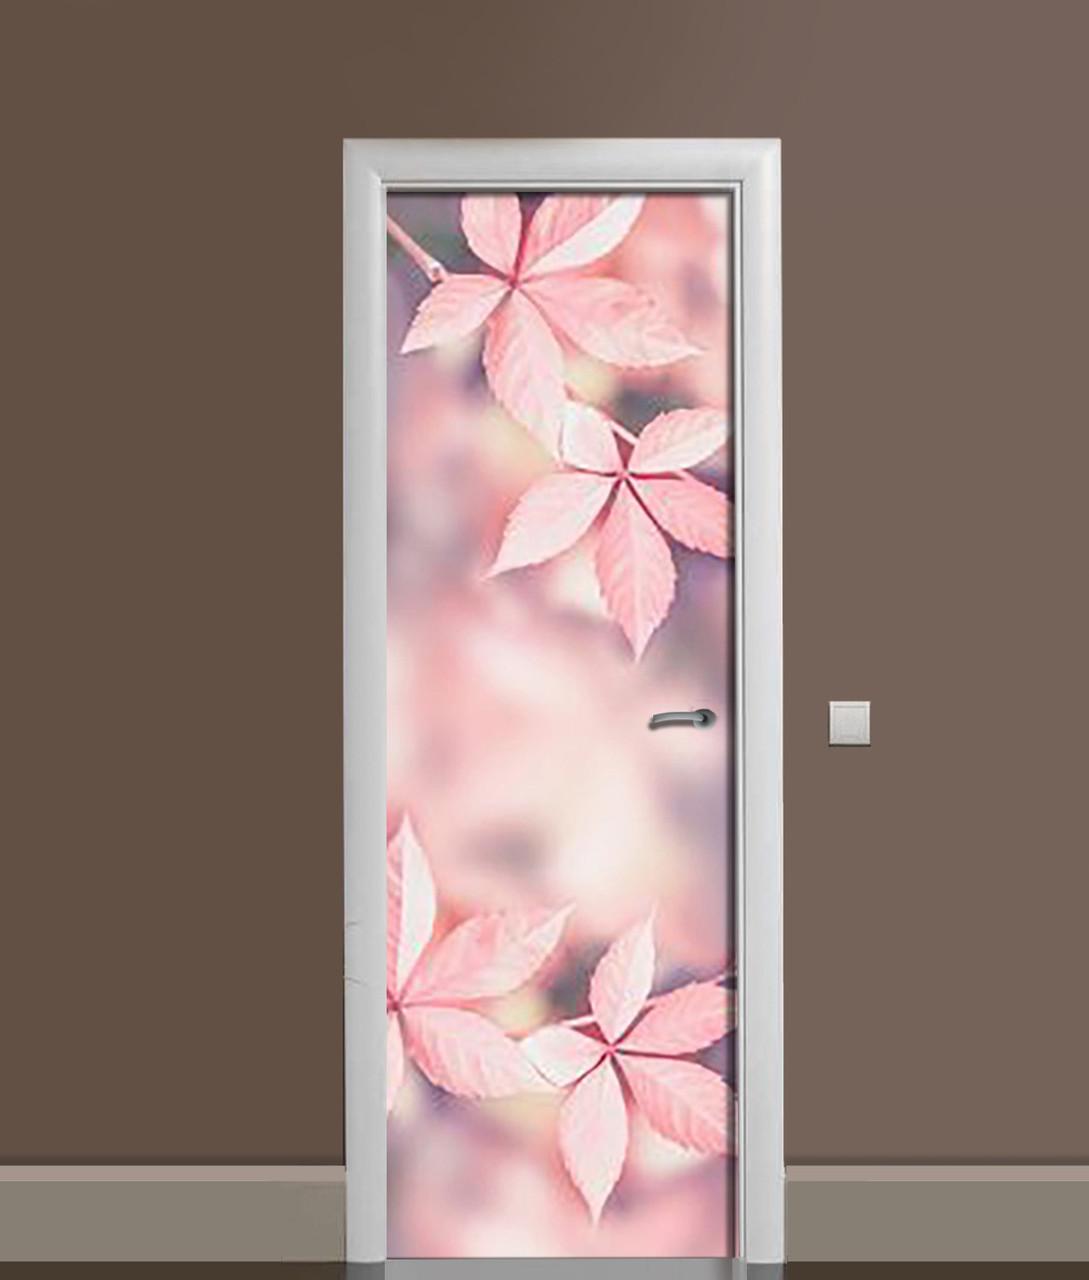 Виниловая 3Д наклейка на дверь Розовые листья самоклеющаяся пленка ПВХ Природа растительный фон 650*2000 мм